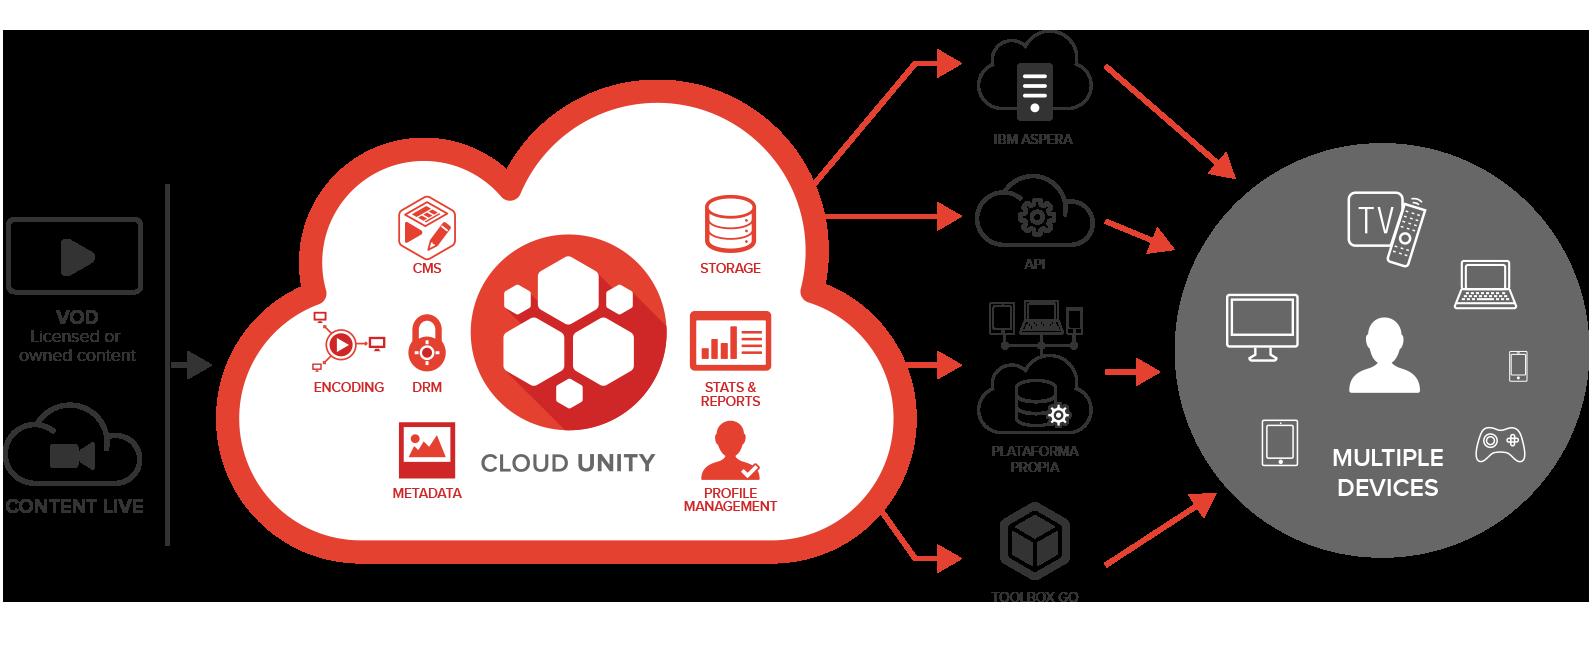 cloud-unity